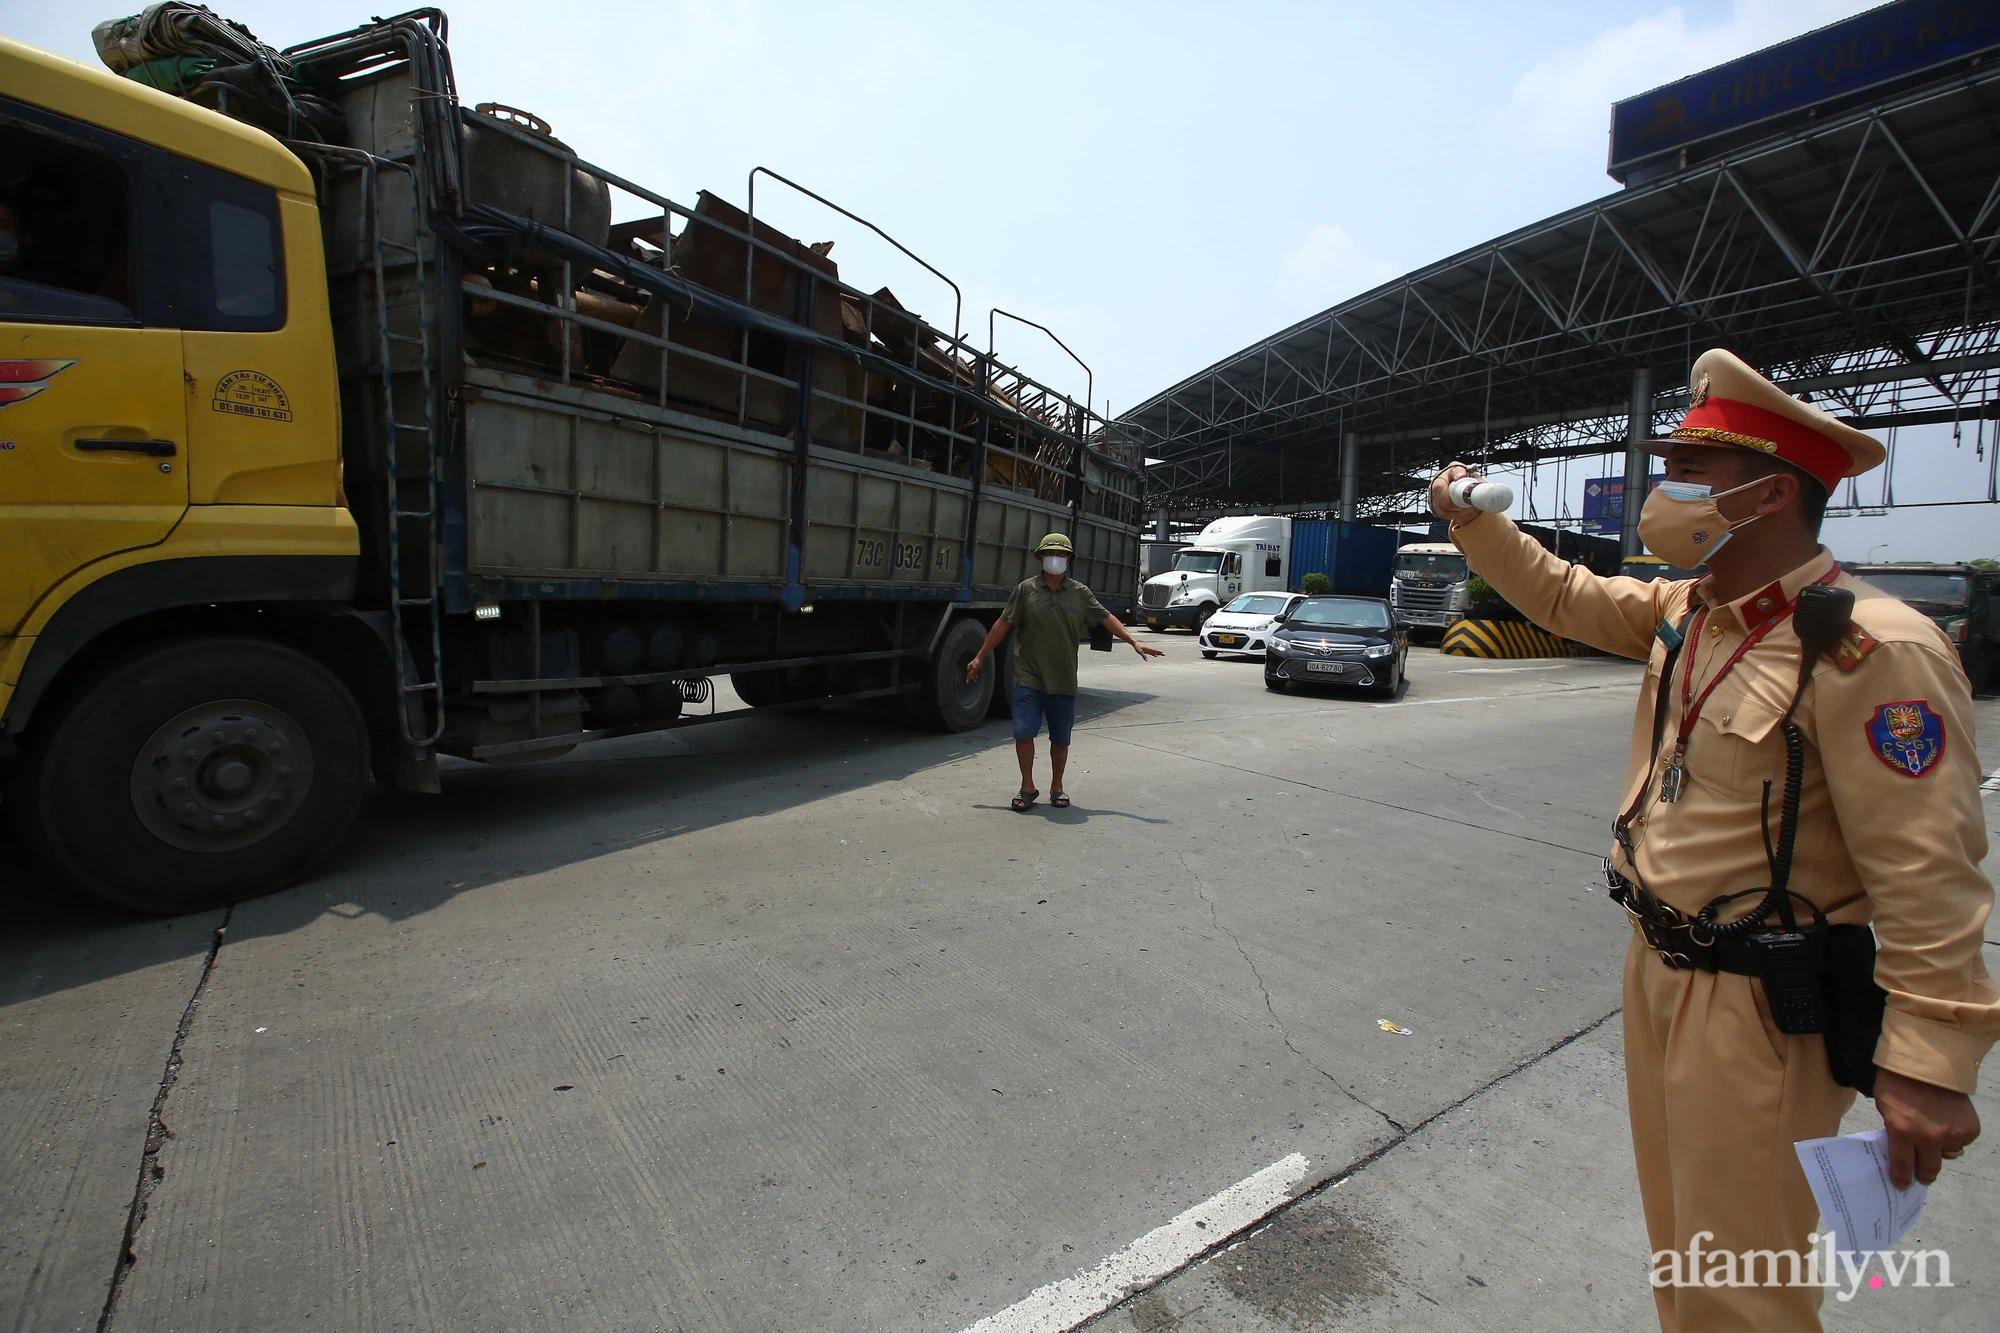 Hà Nội chỉ đạo khẩn để làm giảm ùn tắc ở 22 chốt kiểm dịch ra vào cửa ngõ Thủ đô - Ảnh 4.